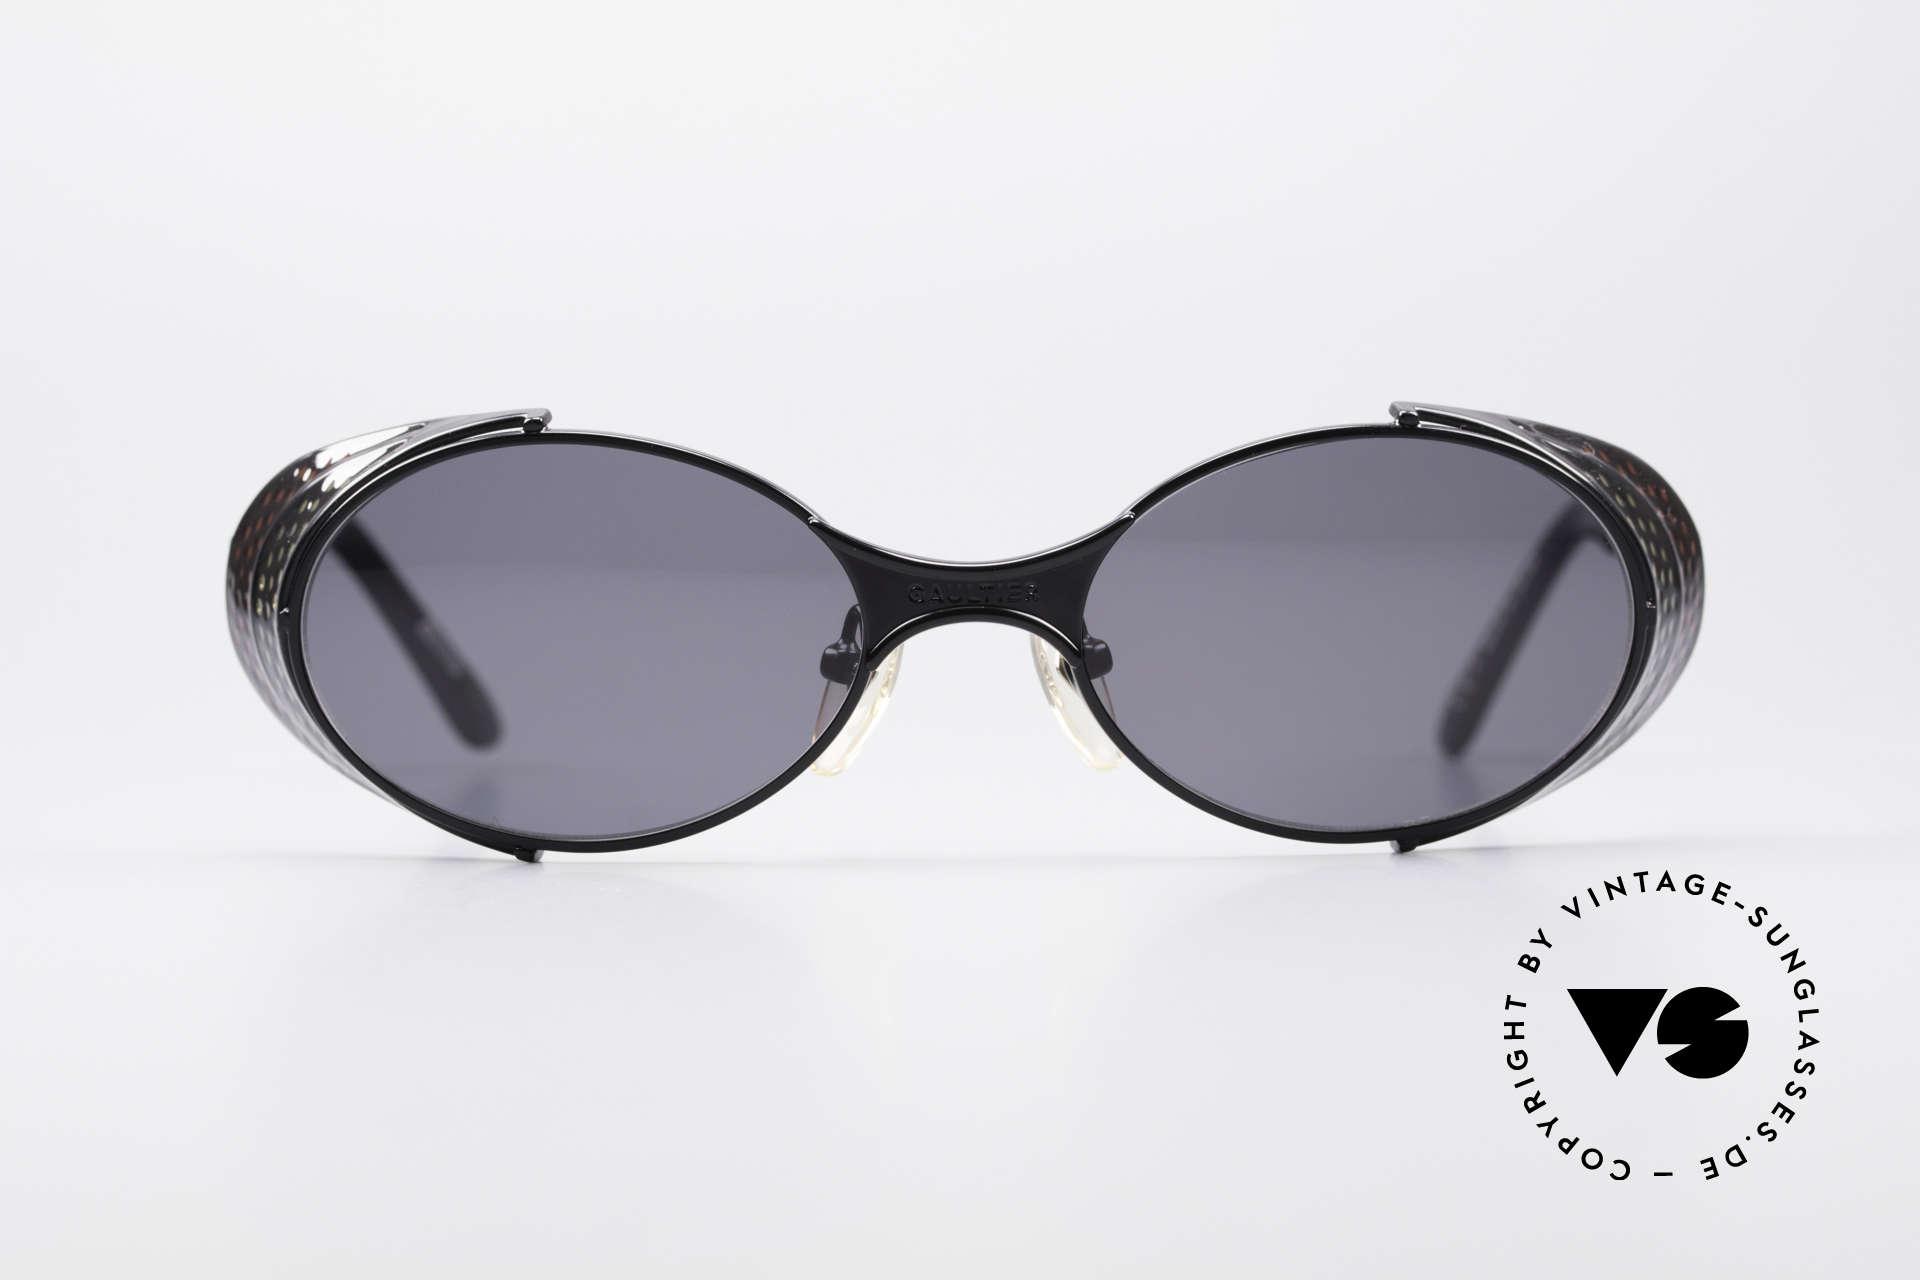 Jean Paul Gaultier 56-7109 JPG Steampunk Sonnenbrille, 'Steampunk-Sonnenbrille' des exzentrischen Designers, Passend für Herren und Damen